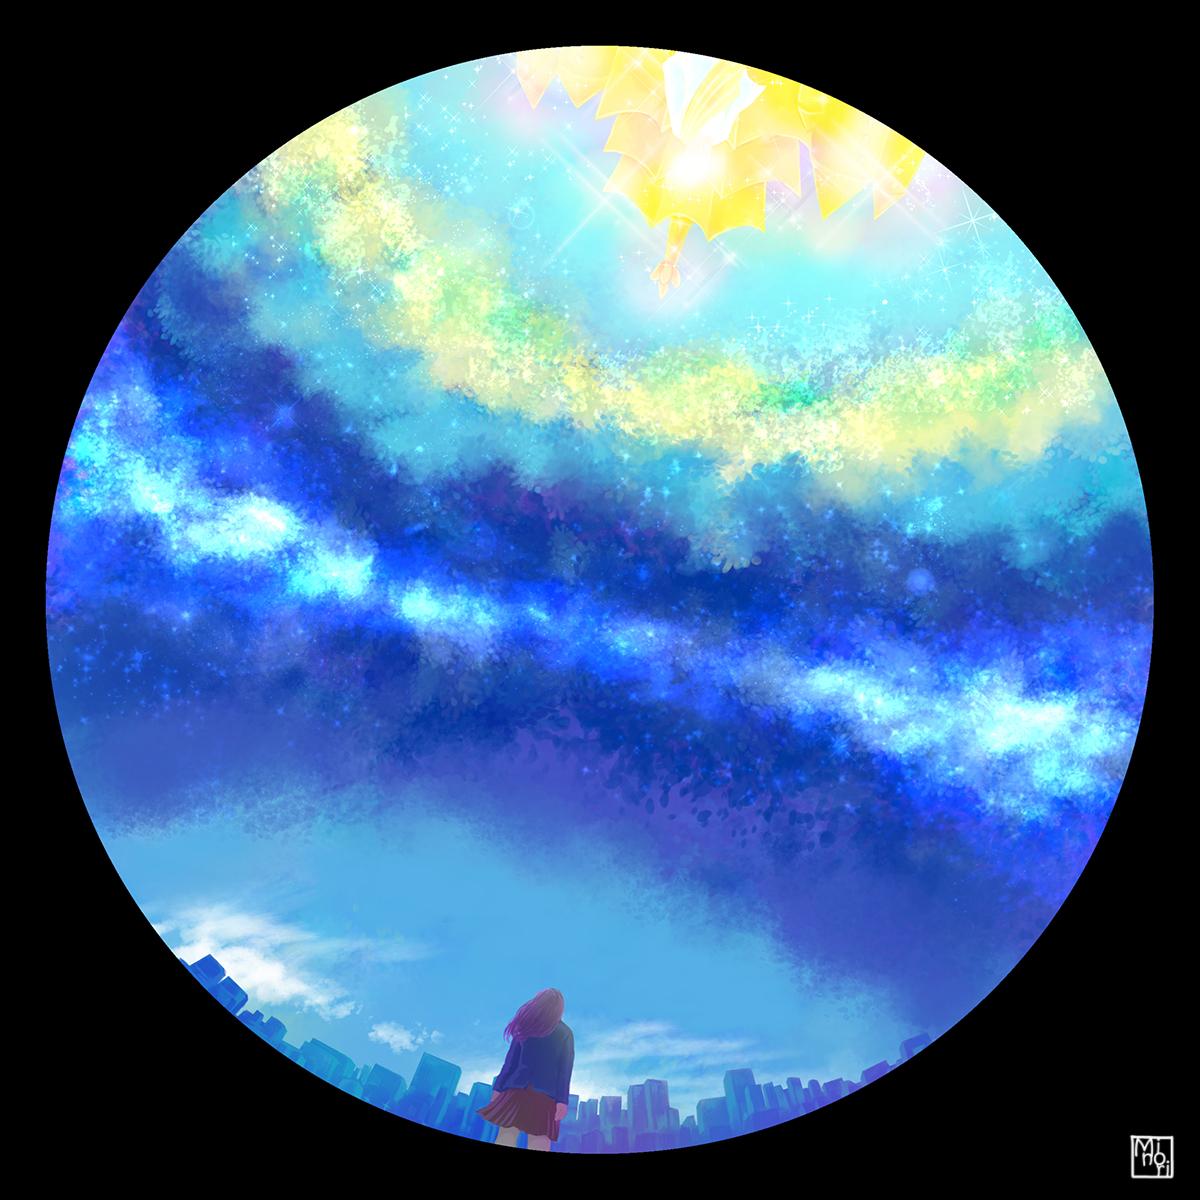 【摂理人が書く物語】あの空の向こうに…